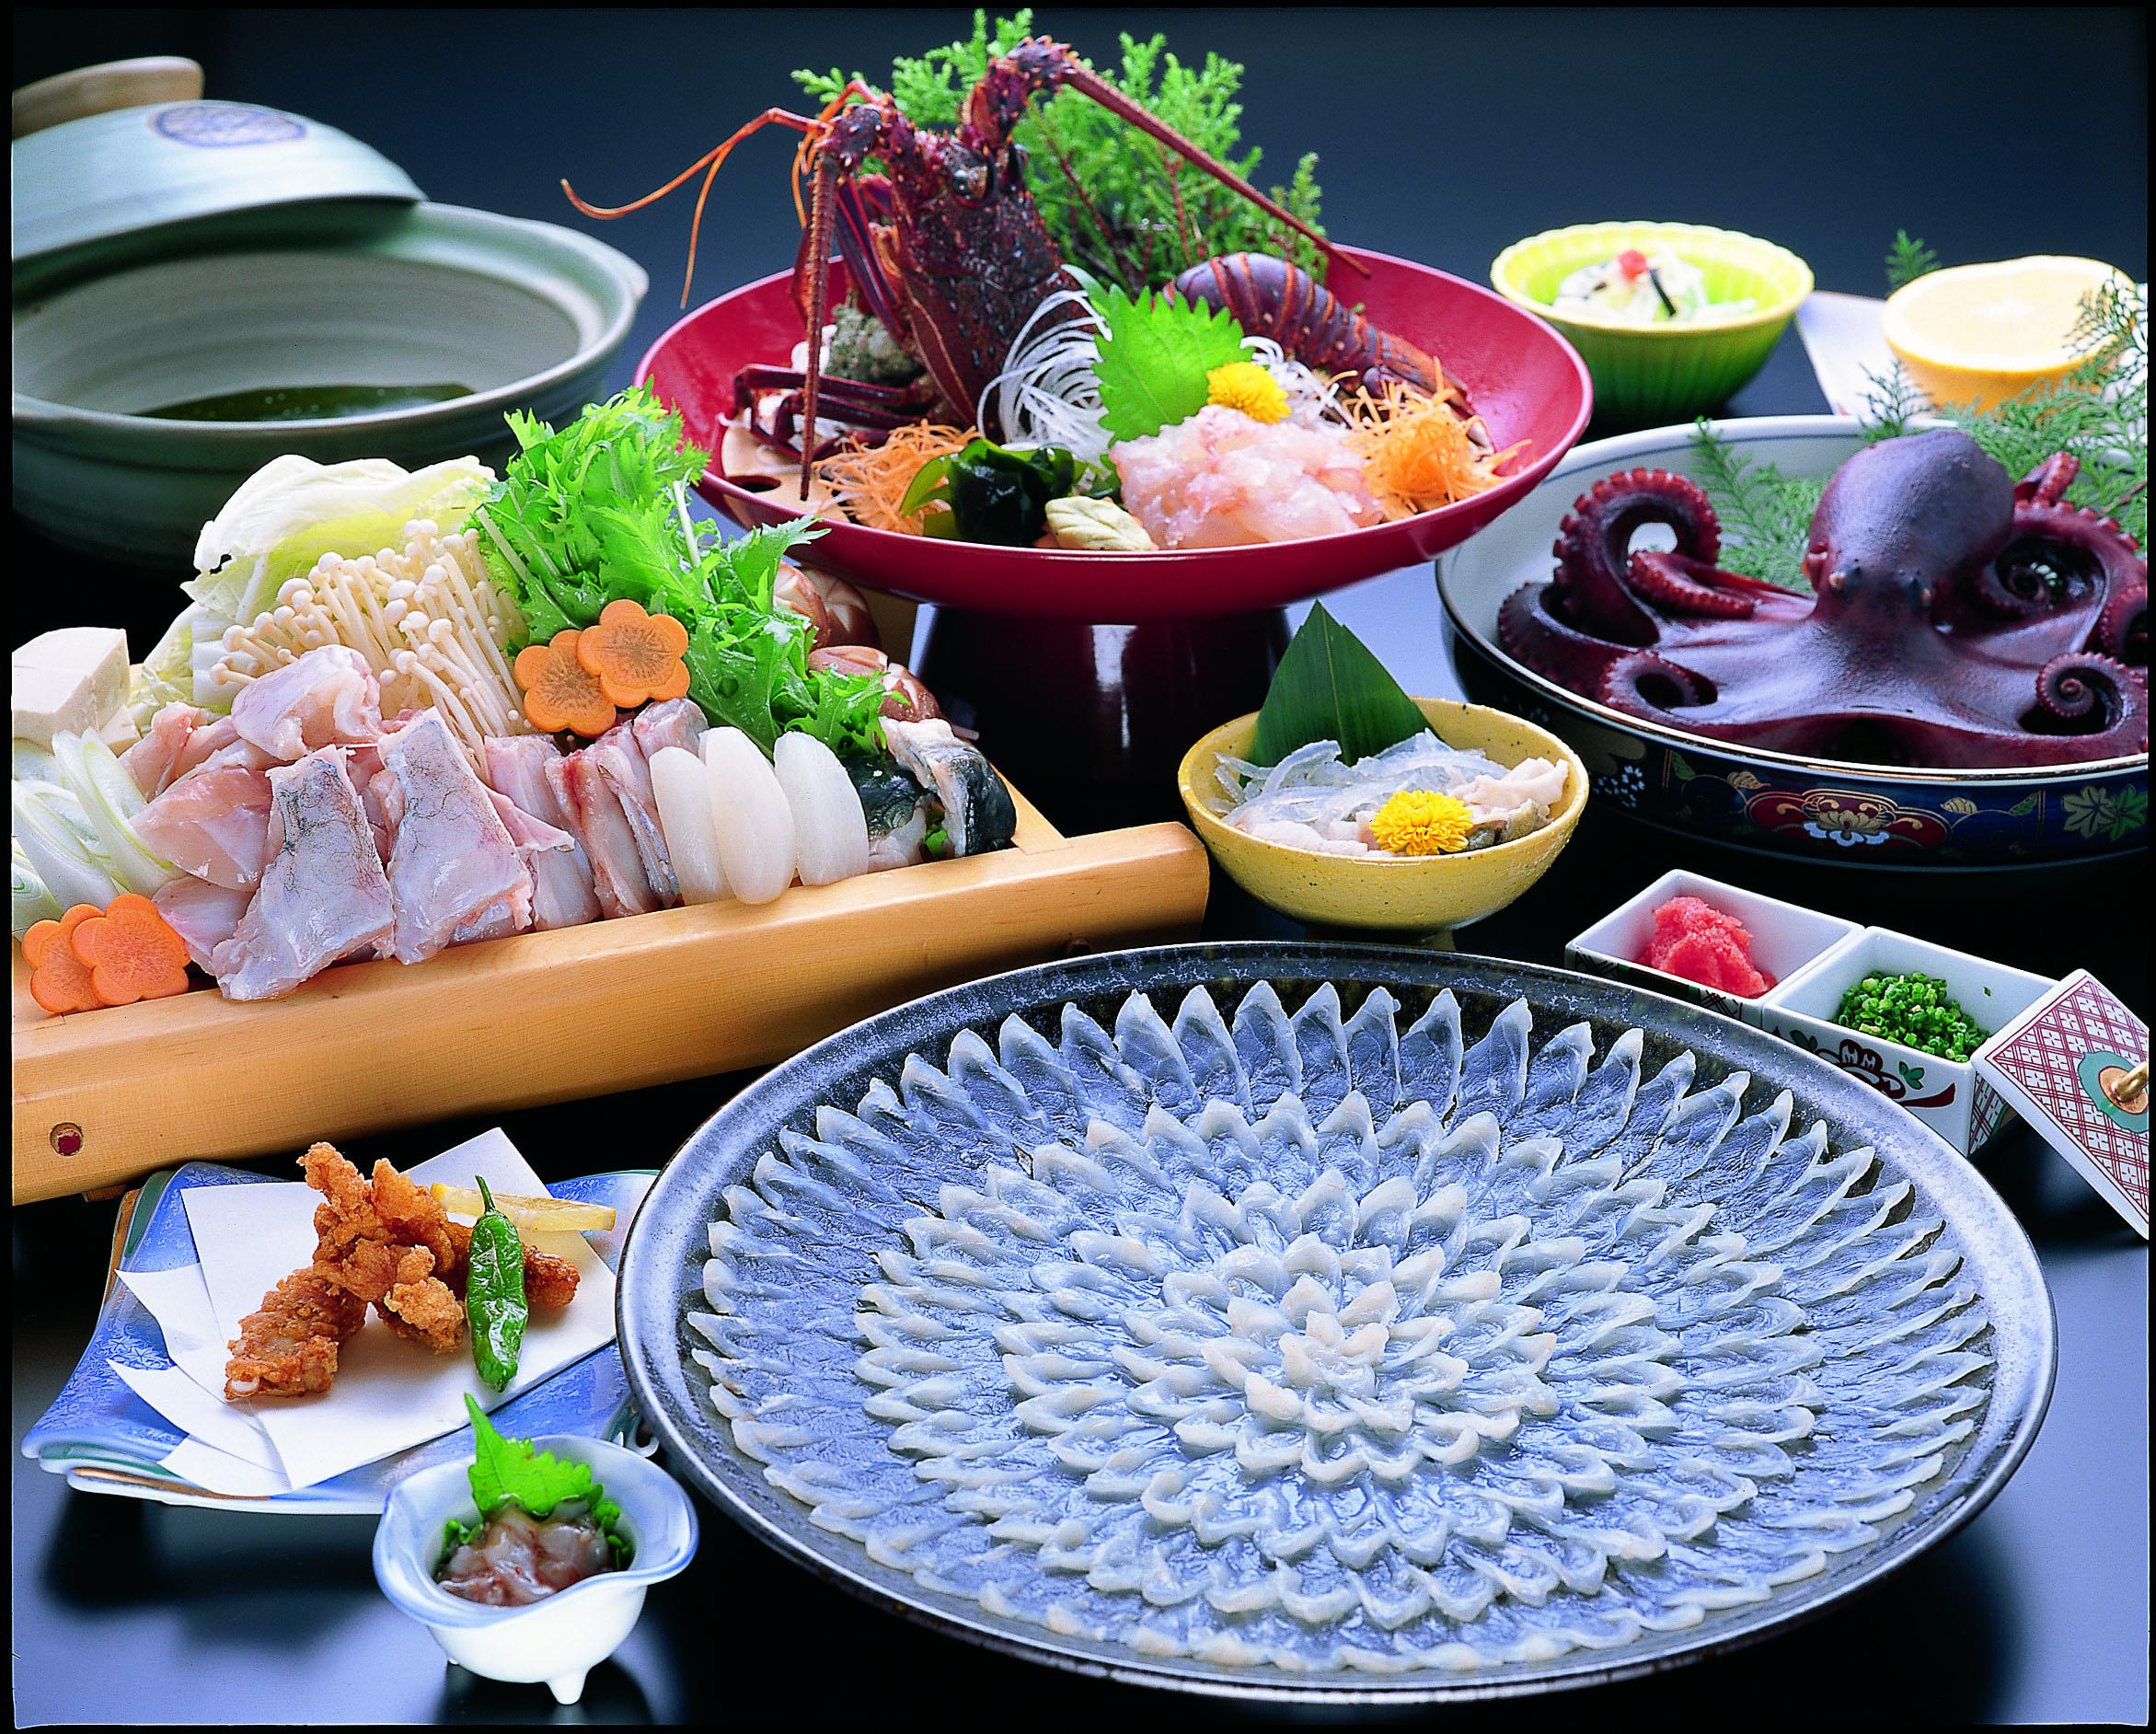 日間賀島・旅館&民宿ランキング!おすすめの宿やカップルに人気の宿など!